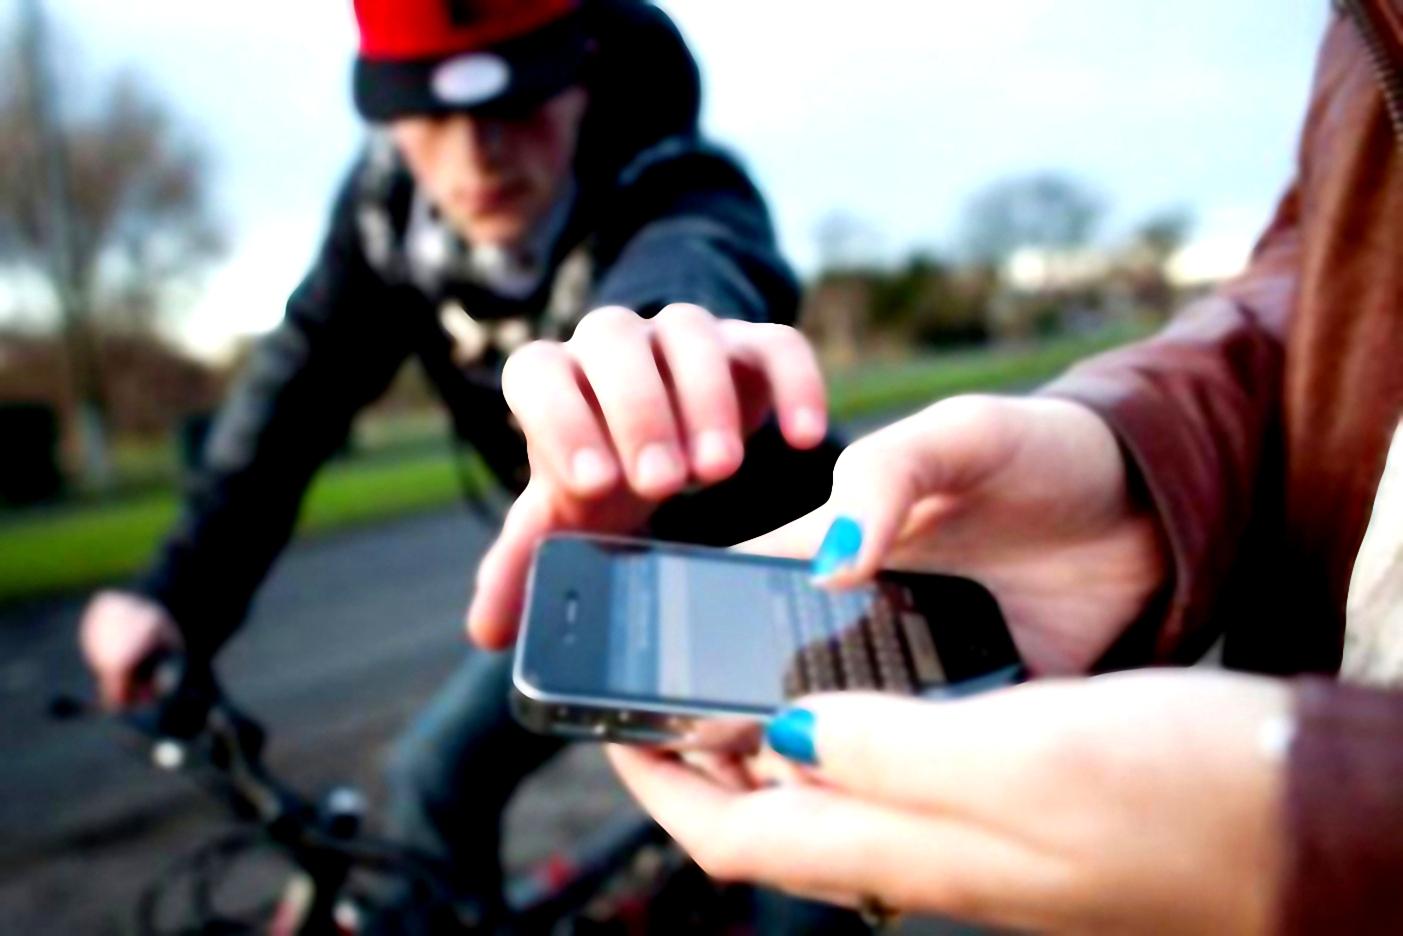 سارقان گوشی تلفن همراه با موتور سیکلت در تهران نو